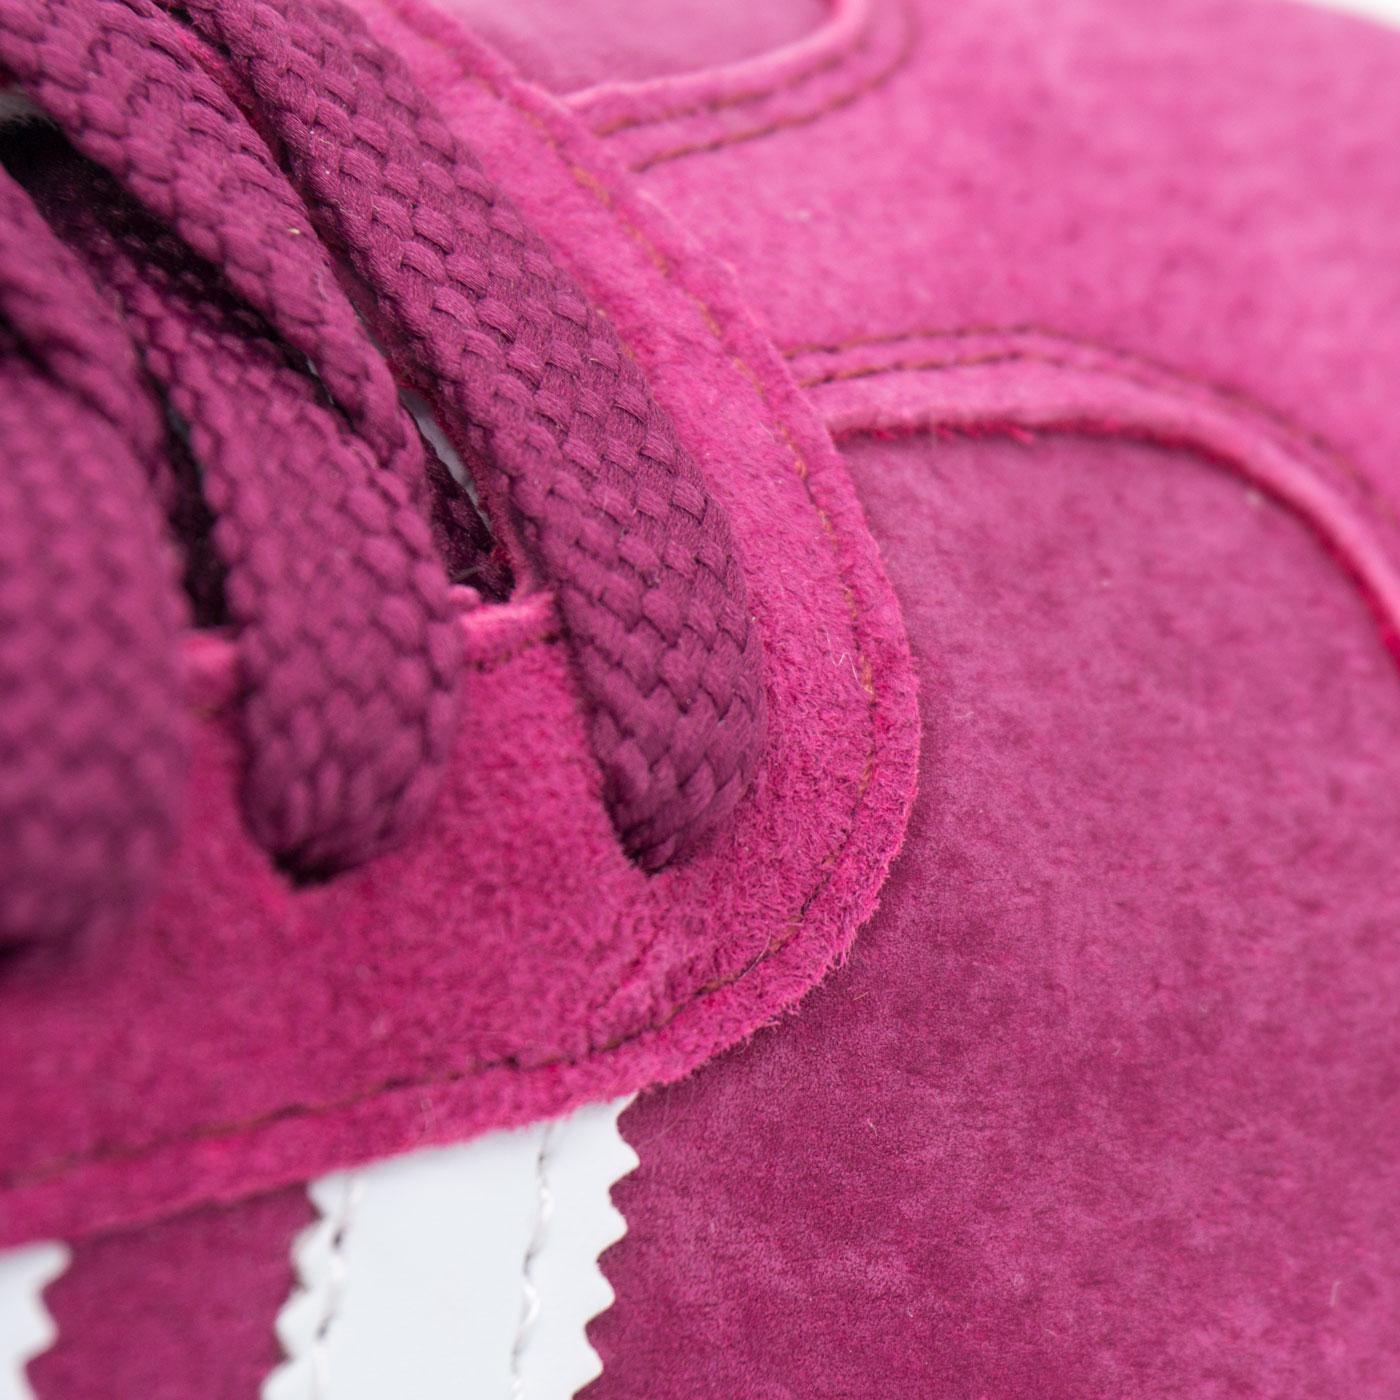 фото bottom Бордовые кроссовки Adidas Gazelle натуральная замша,  Vietnam - Топ качество! bottom